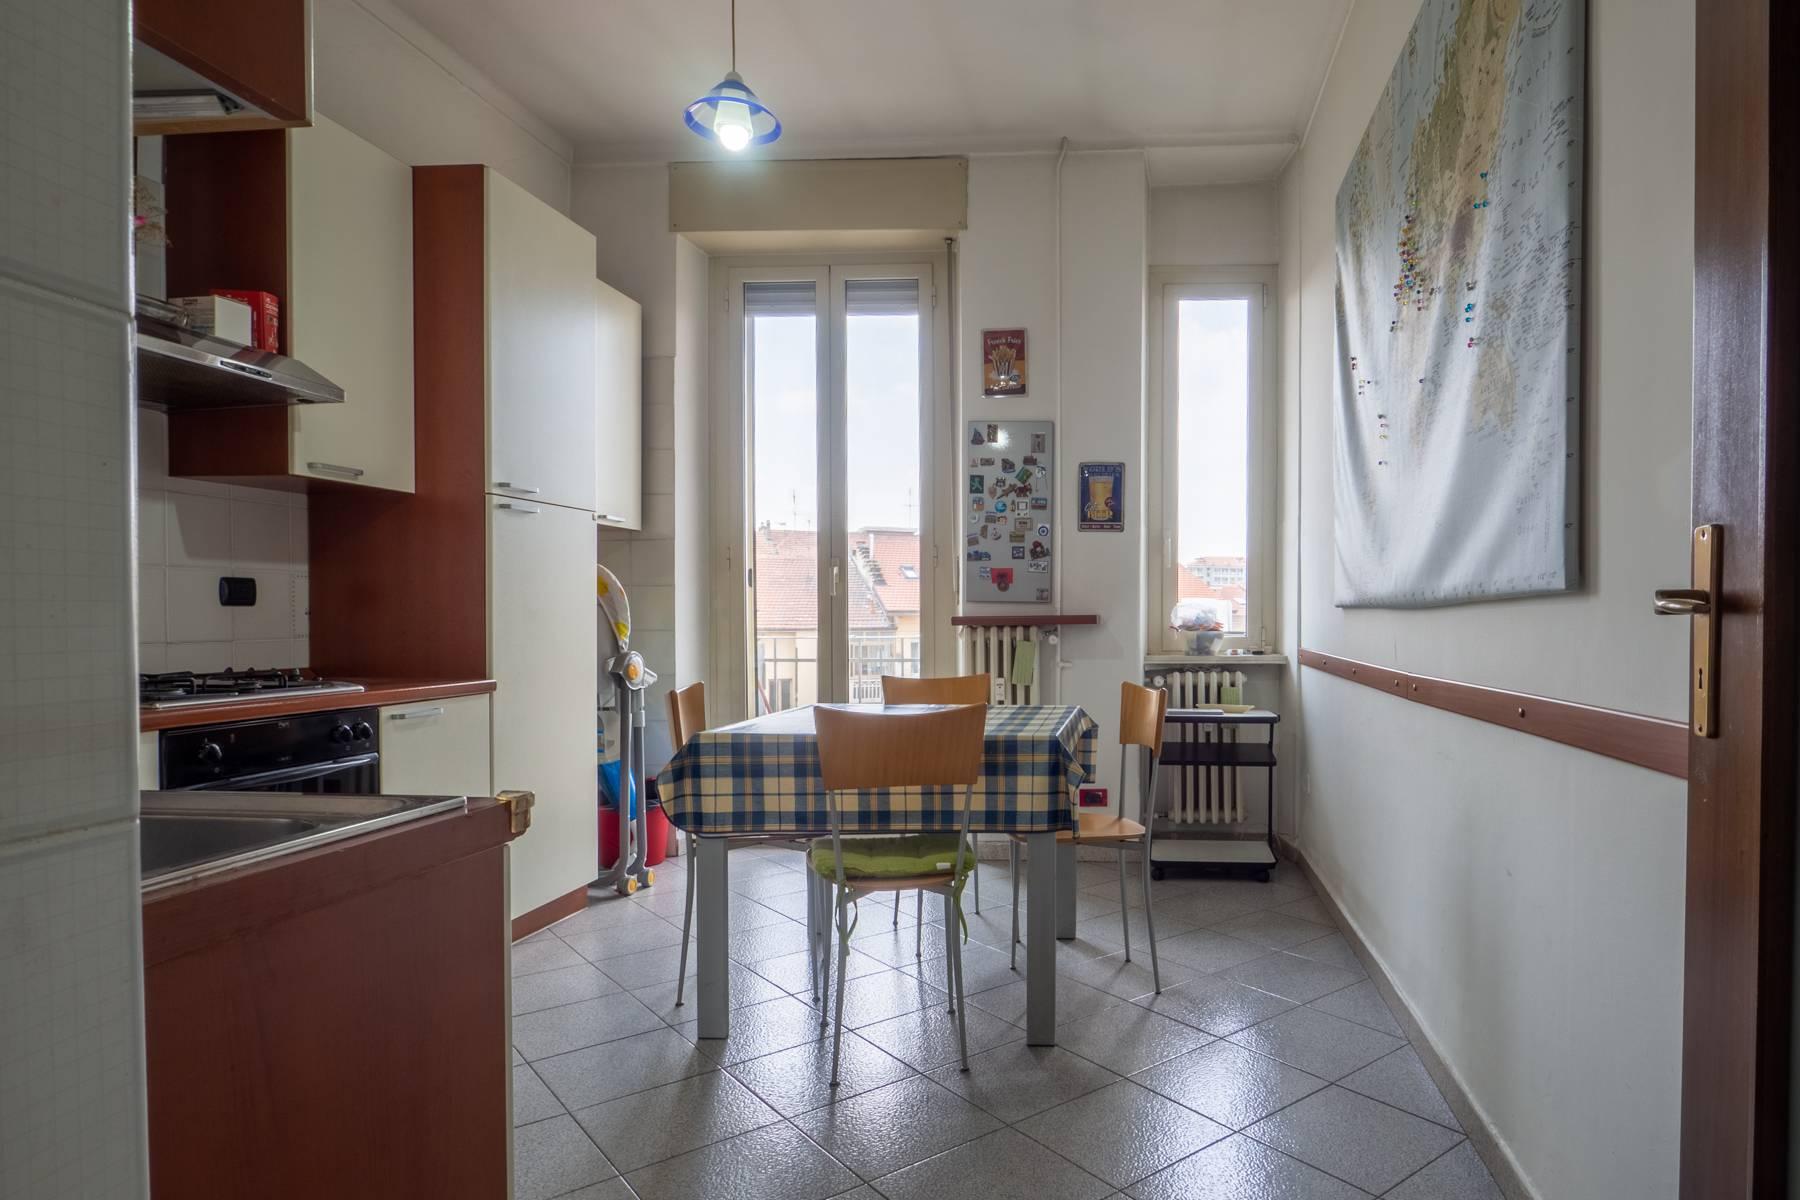 Appartamento in Vendita a Torino: 3 locali, 75 mq - Foto 10